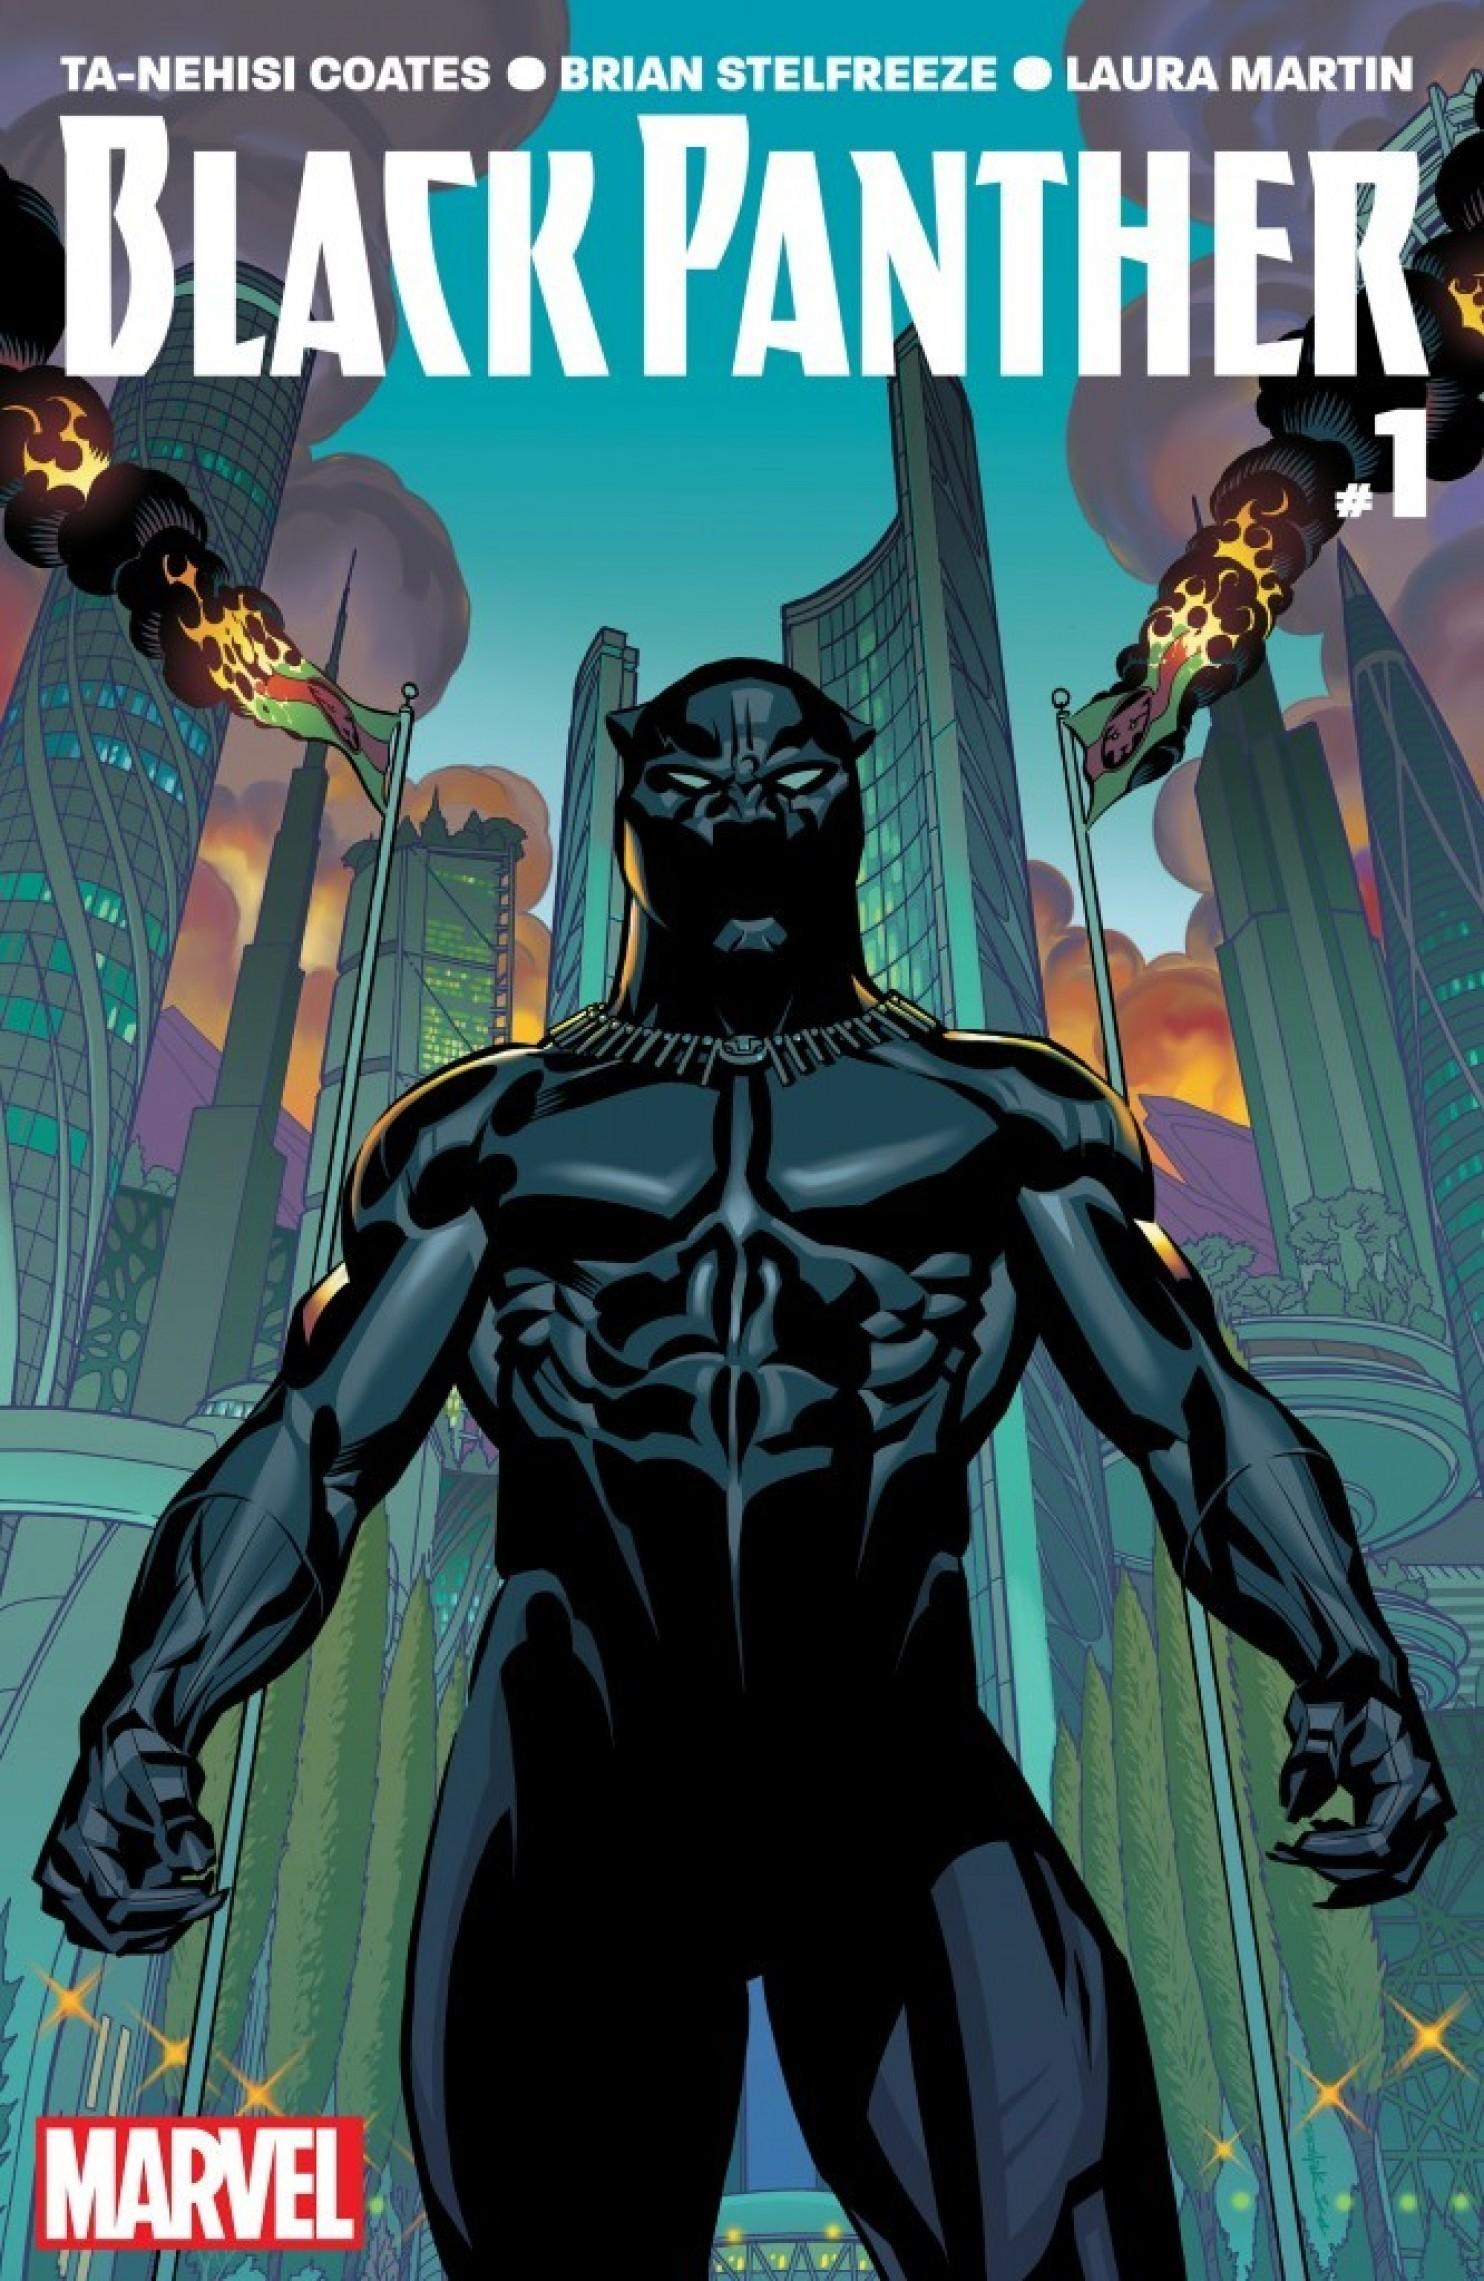 Black Panther Comic (Credit: Washington Post)